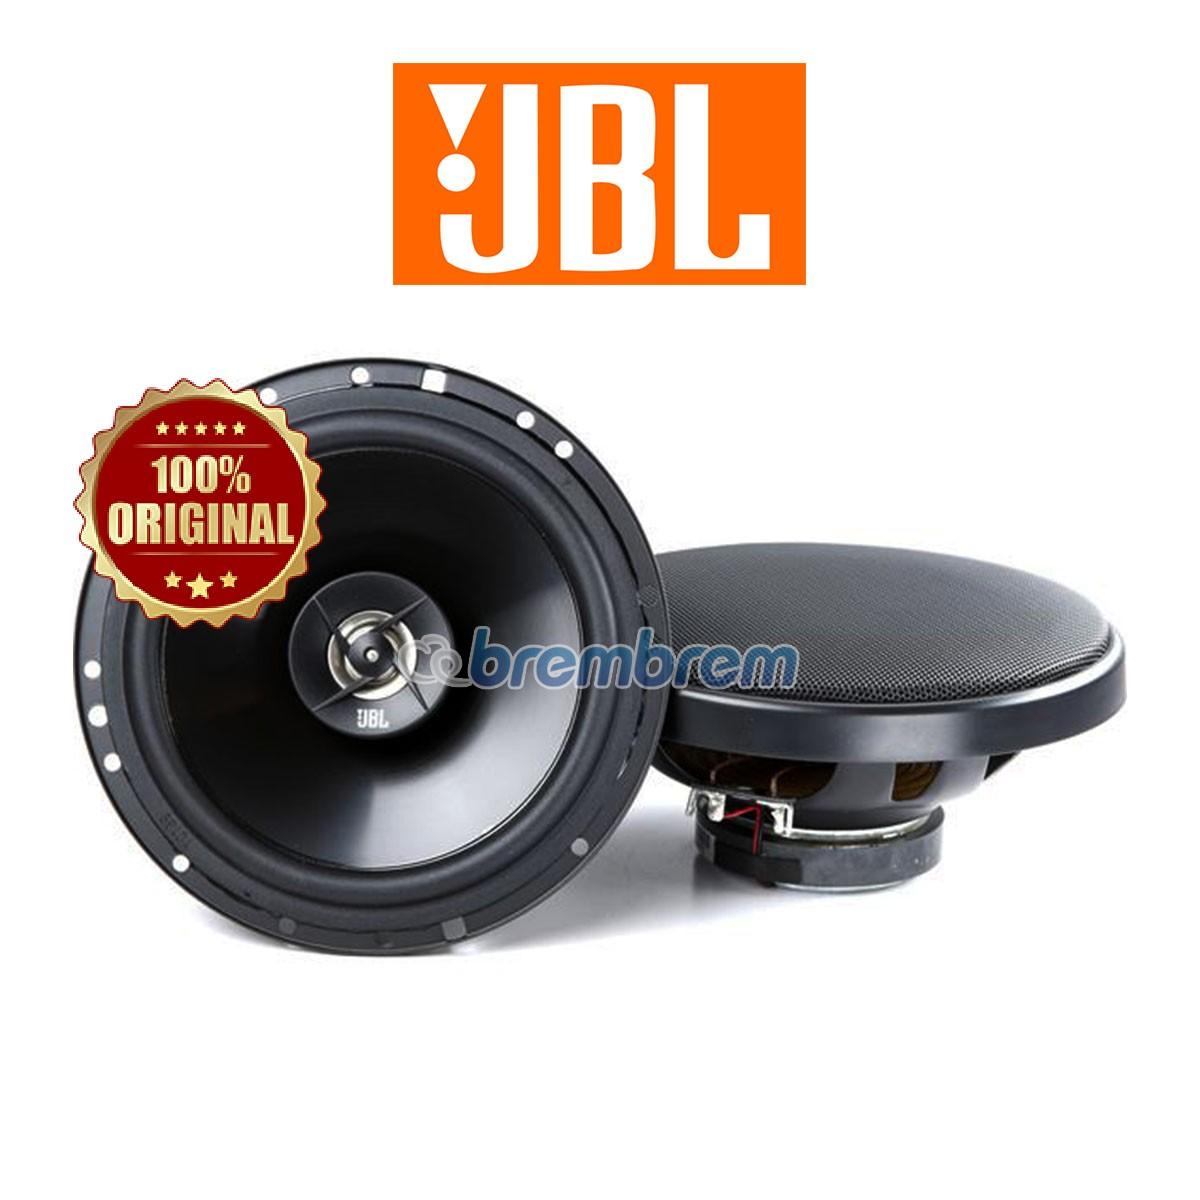 JBL STAGE 602 - SPEAKER COAXIAL